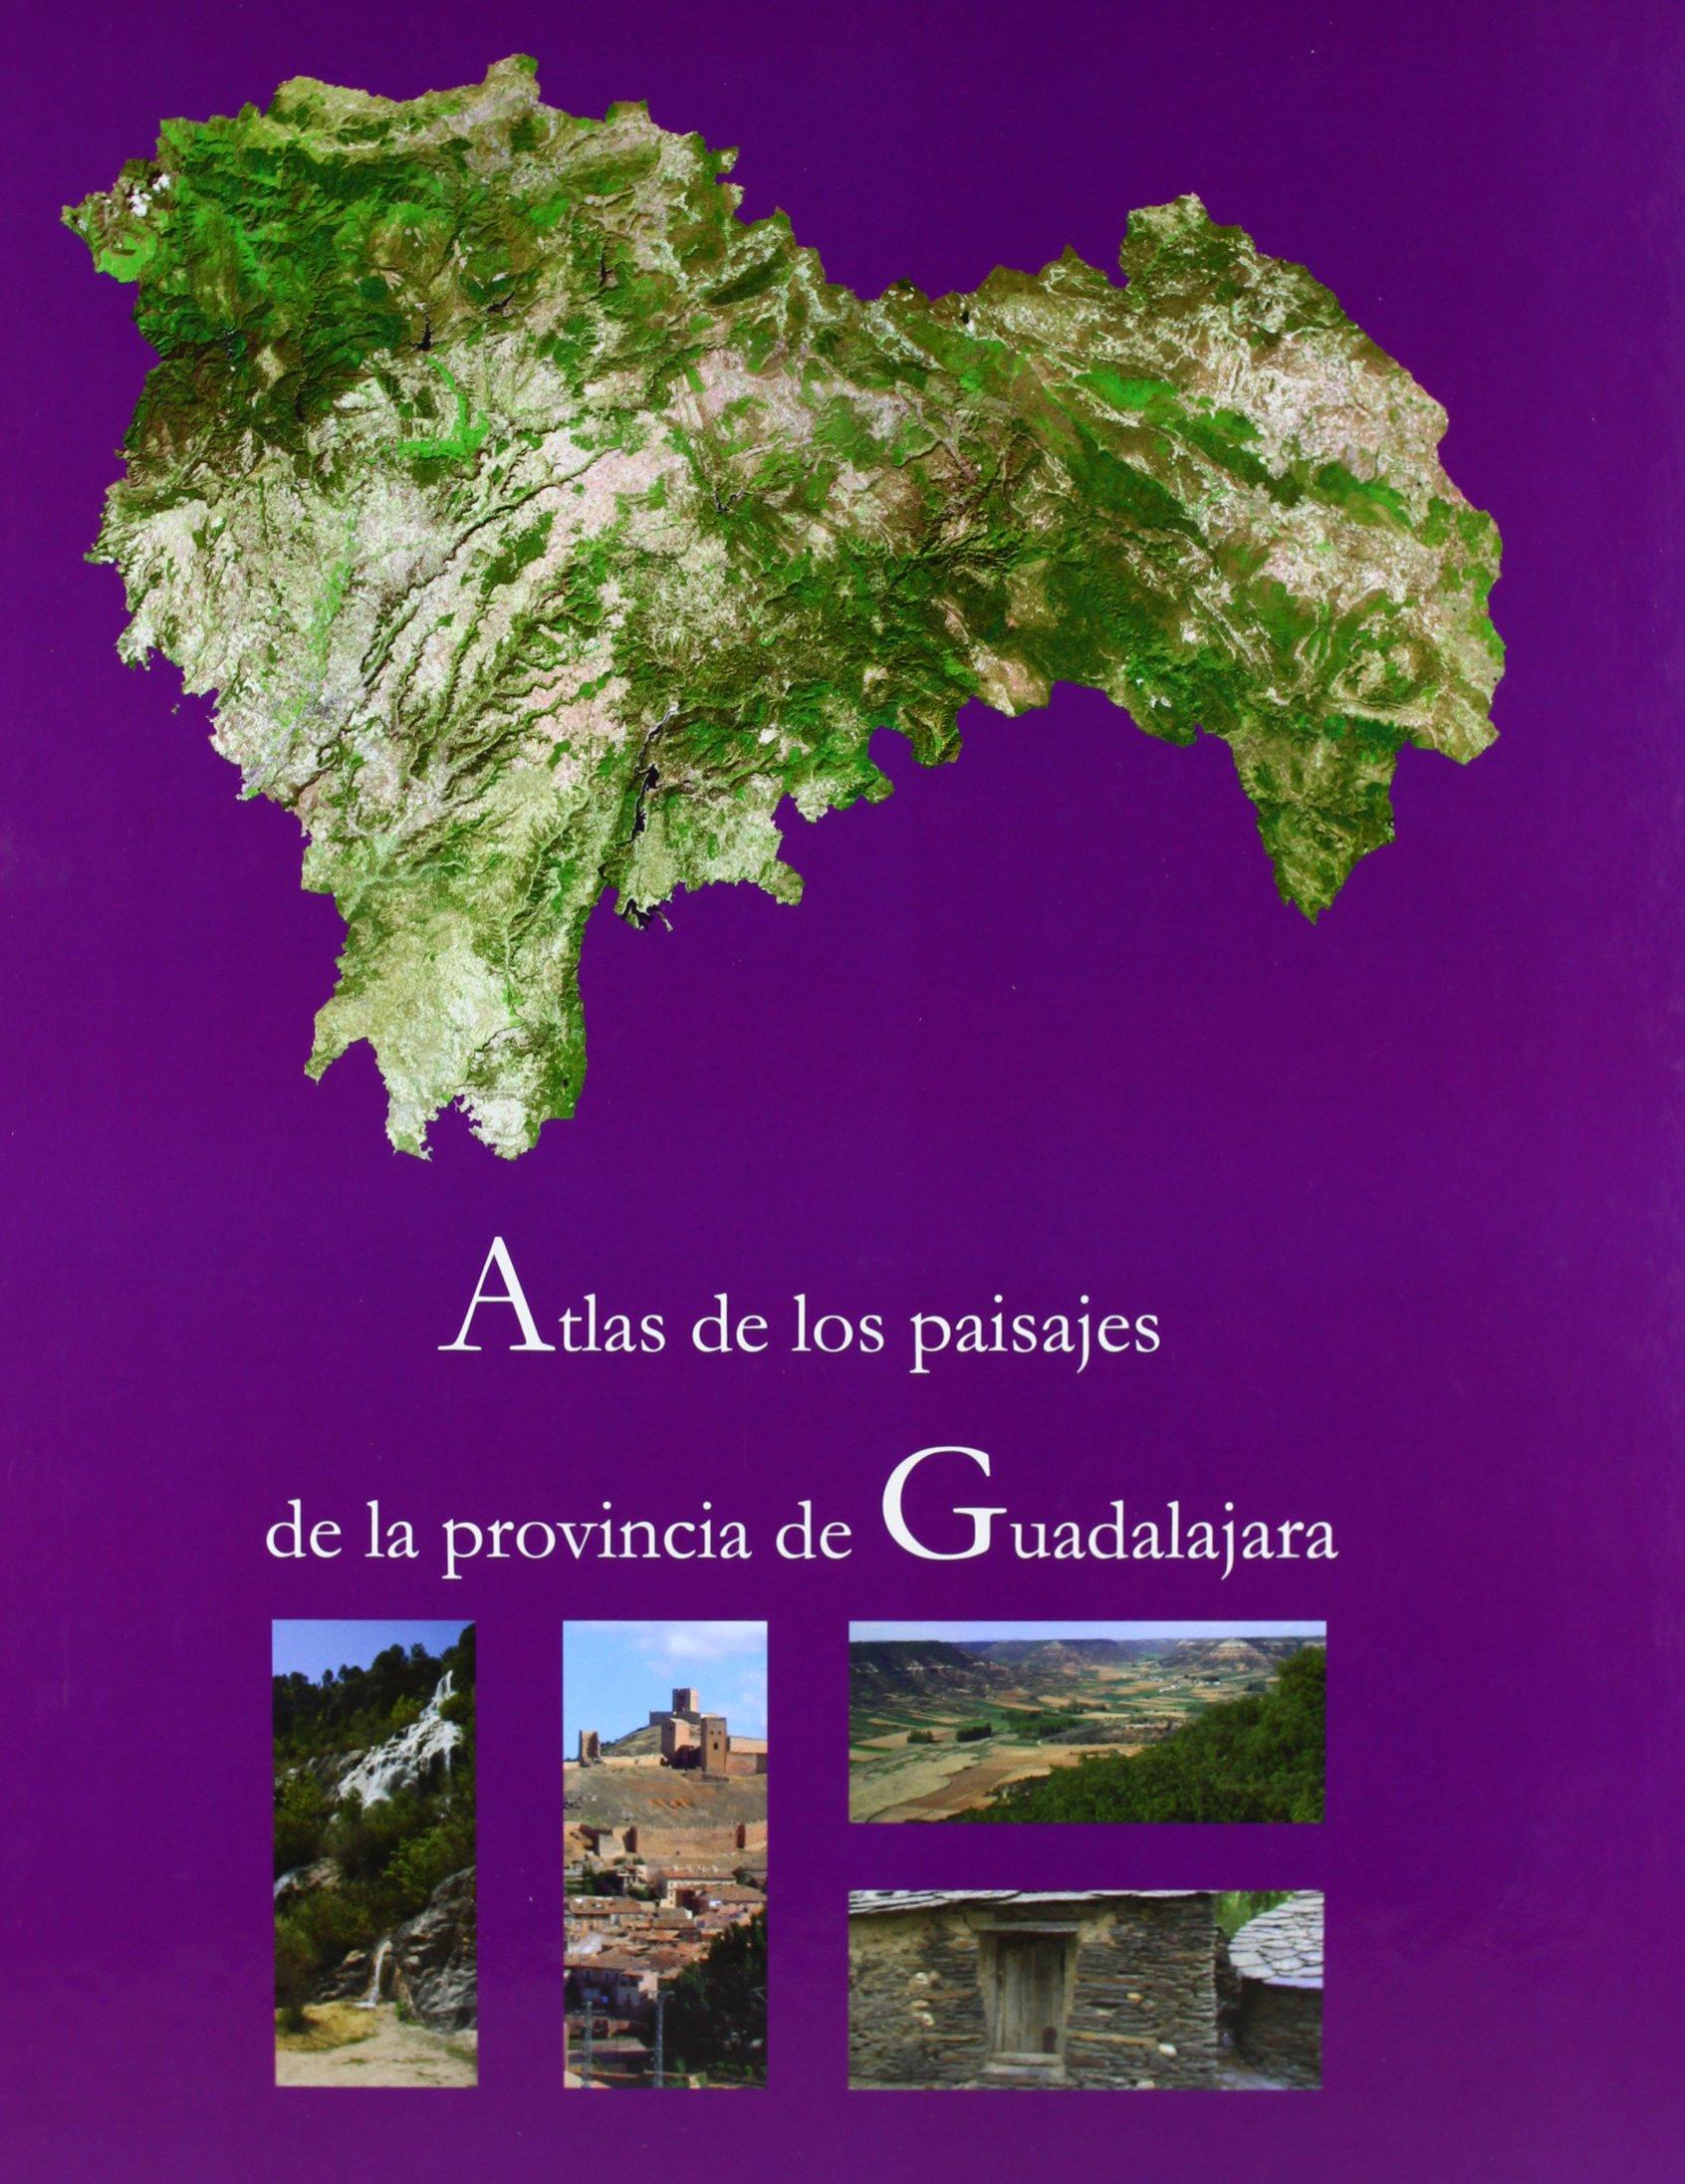 Atlas de los paisajes de la provincia de Guadalajara: Amazon.es: Sancho Comíns, José: Libros